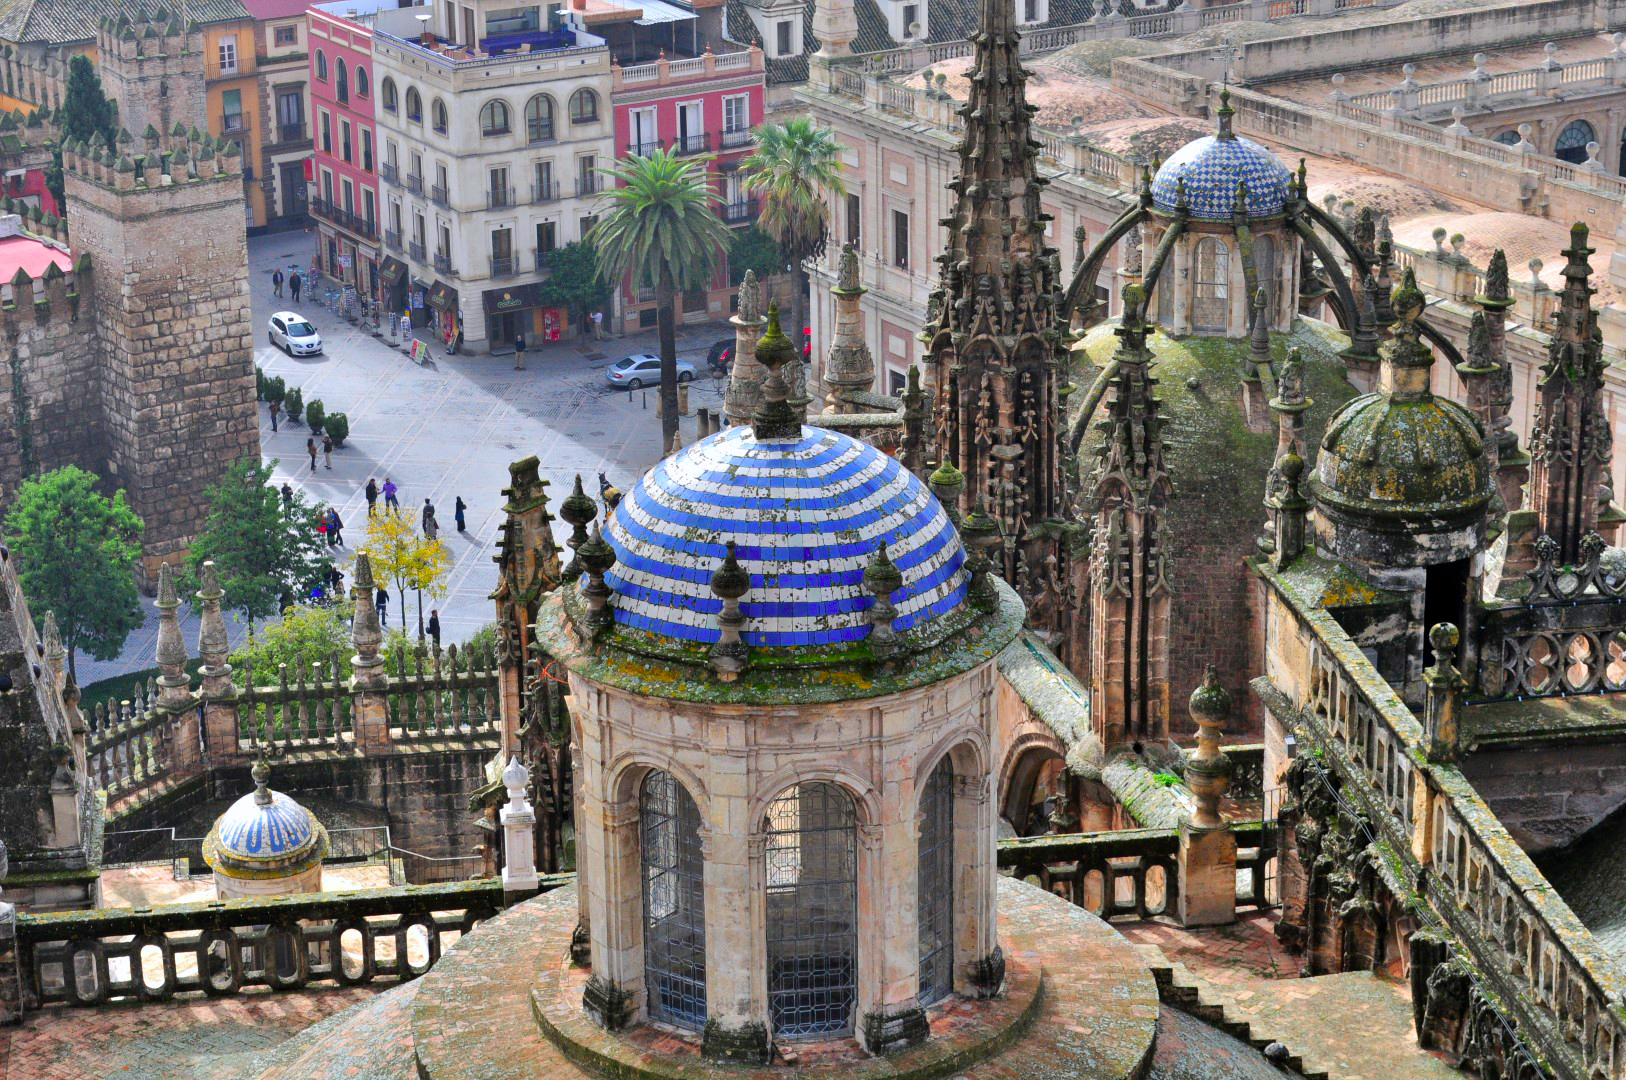 Qué ver en Sevilla, España - What to see in Sevilla, Spain qué ver en sevilla - 30706401203 69a104f9da o - Qué ver en Sevilla